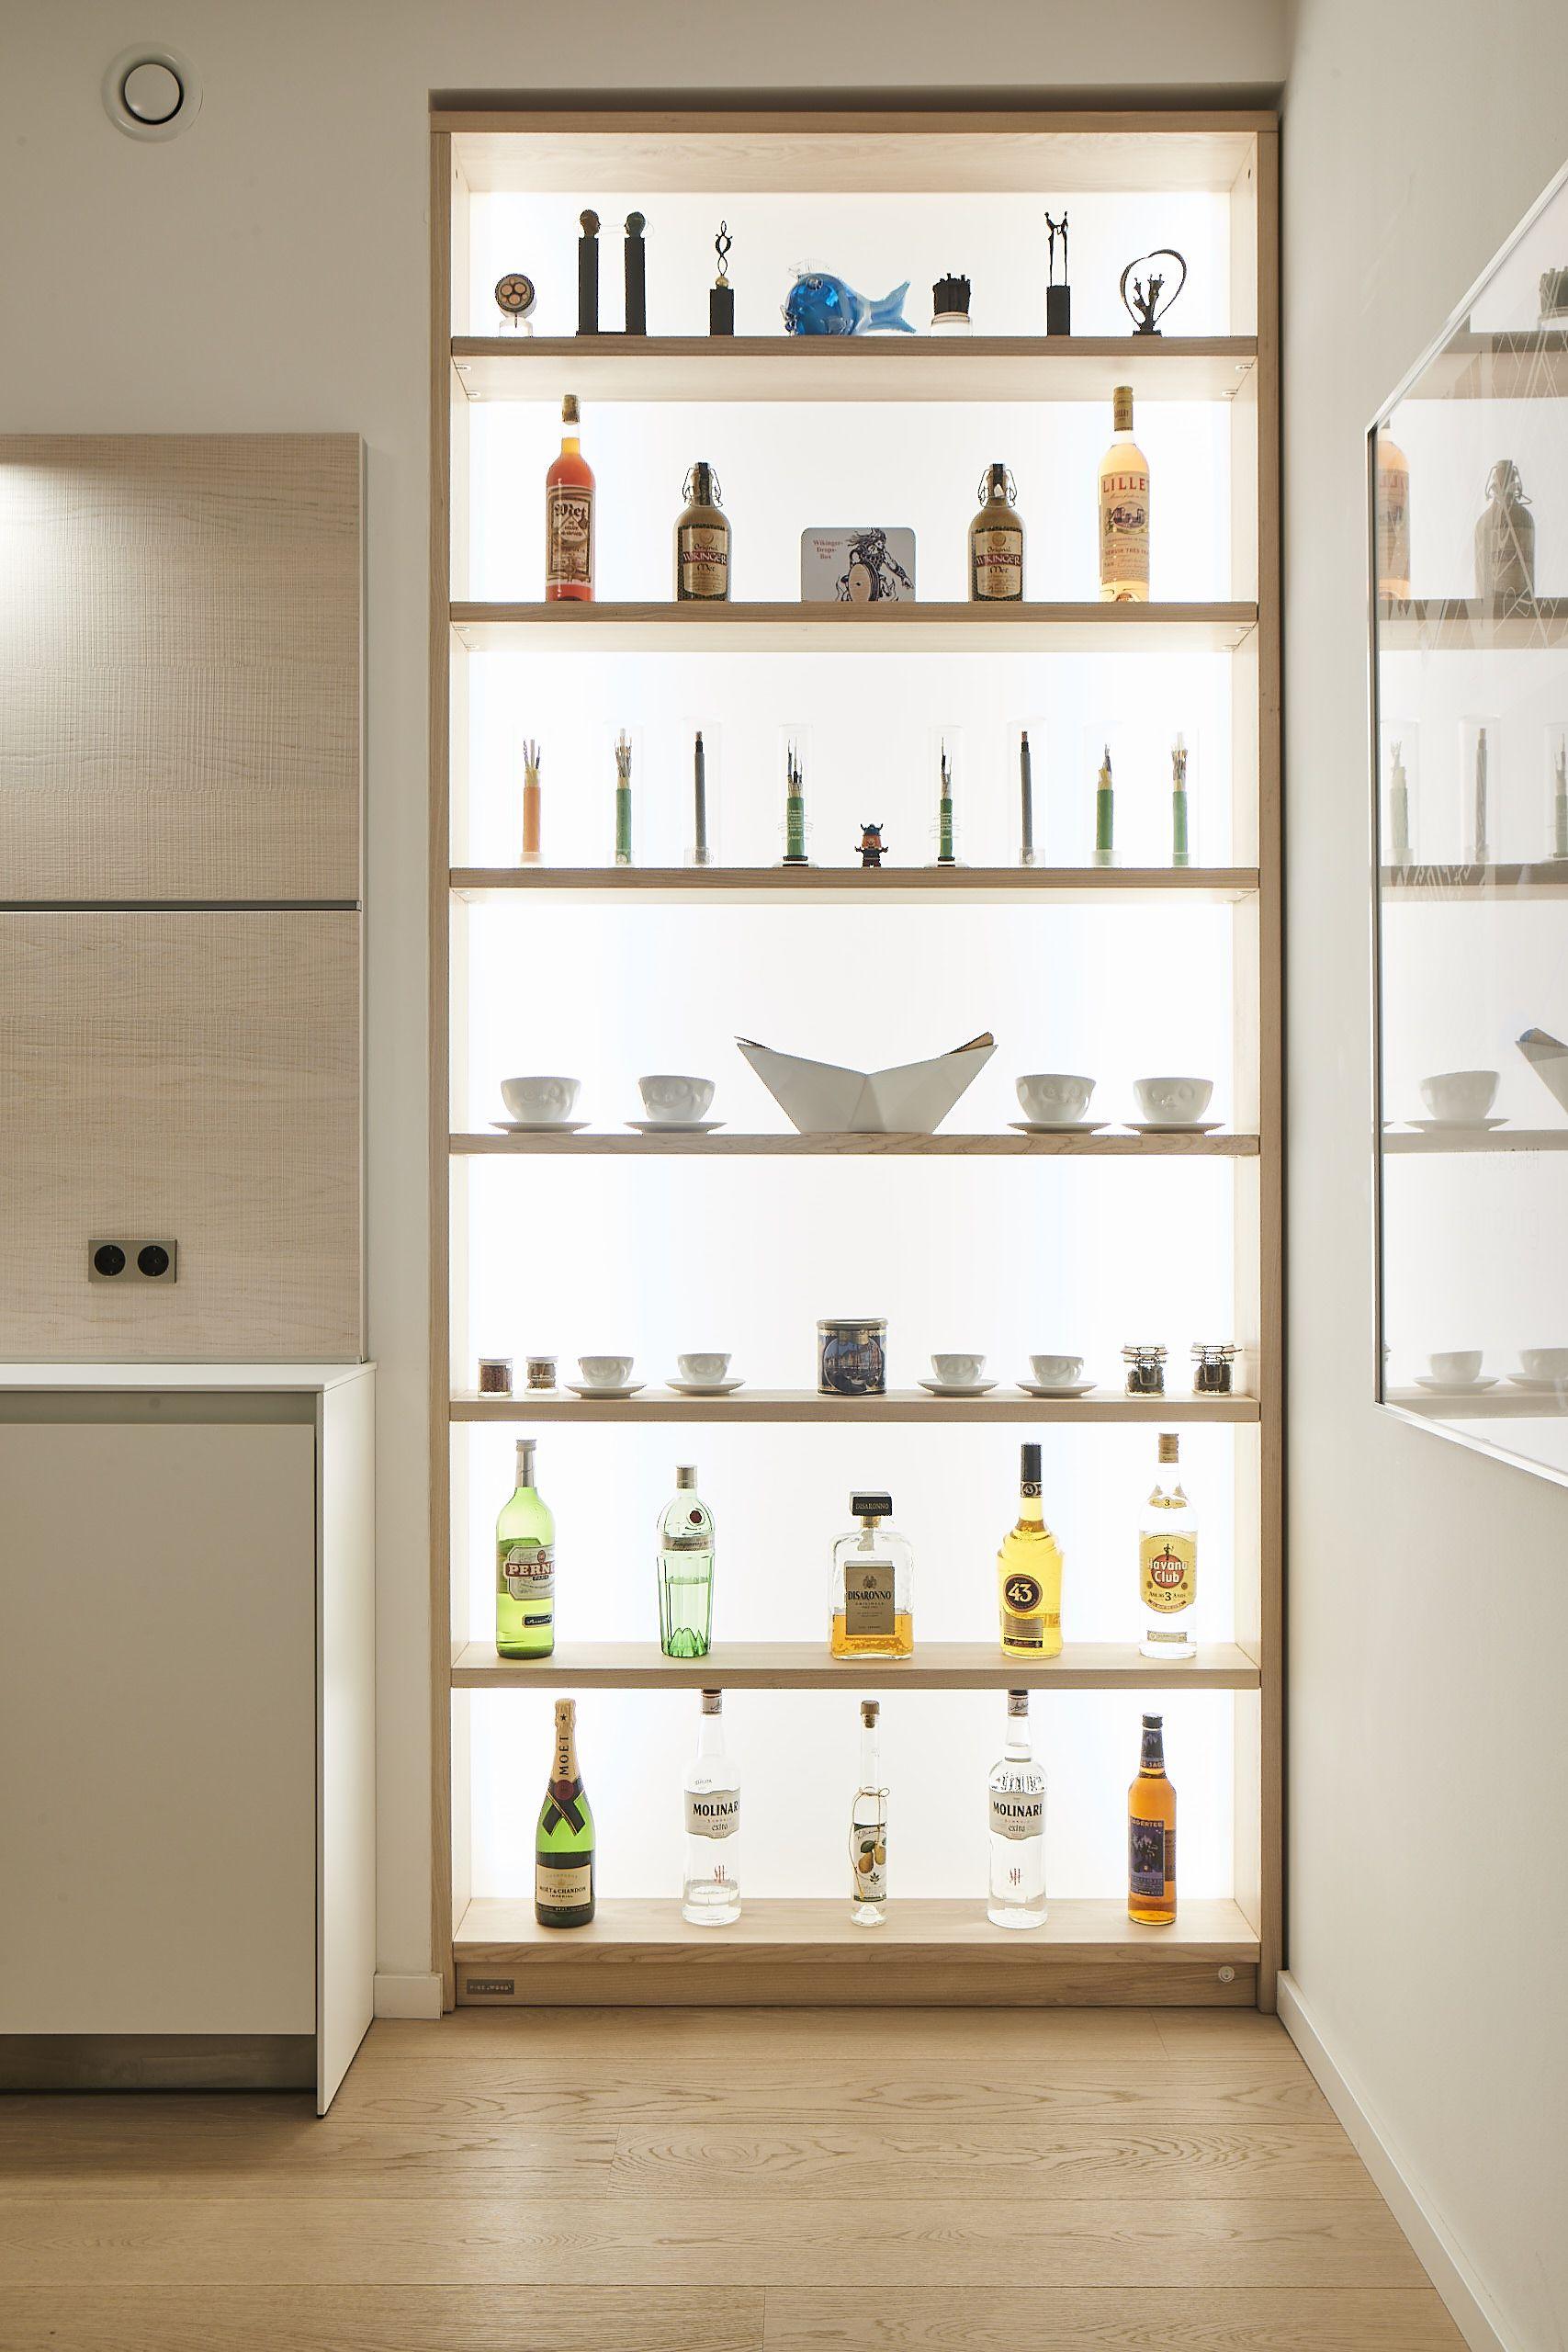 Die Lösung Für Jede Nische Küchendekoration Raumteiler Regal Kinderzimmer Regal Mit Türen